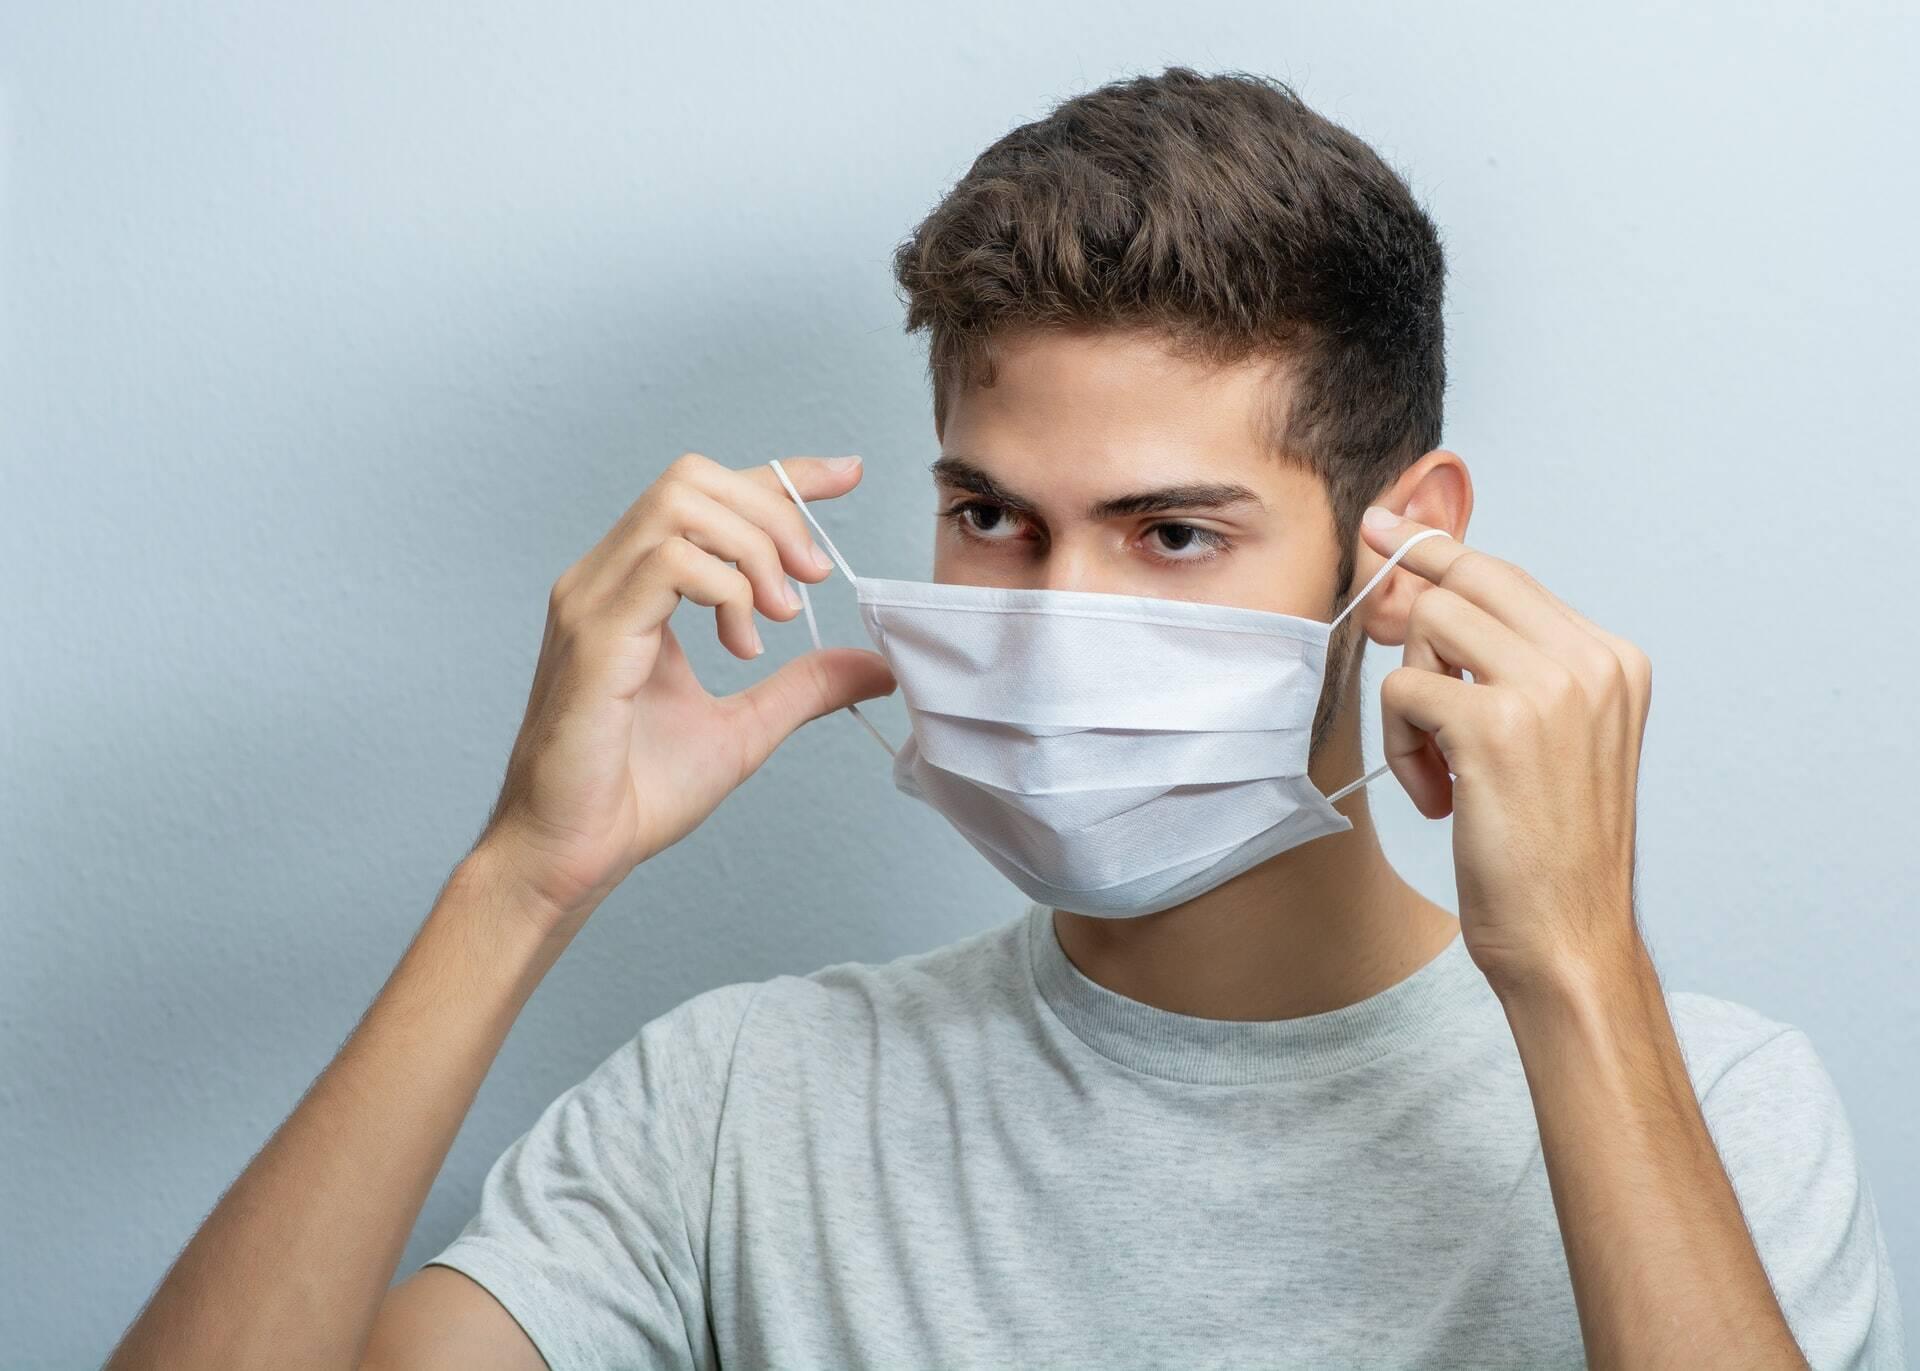 Arnaldo Korn, diretor do Centro Nacional - Cirurgia Plástica, comenta que embora a máscara possa tracionar as orelhas, não deve haver alteração na anatomia. (Foto: Unsplash)